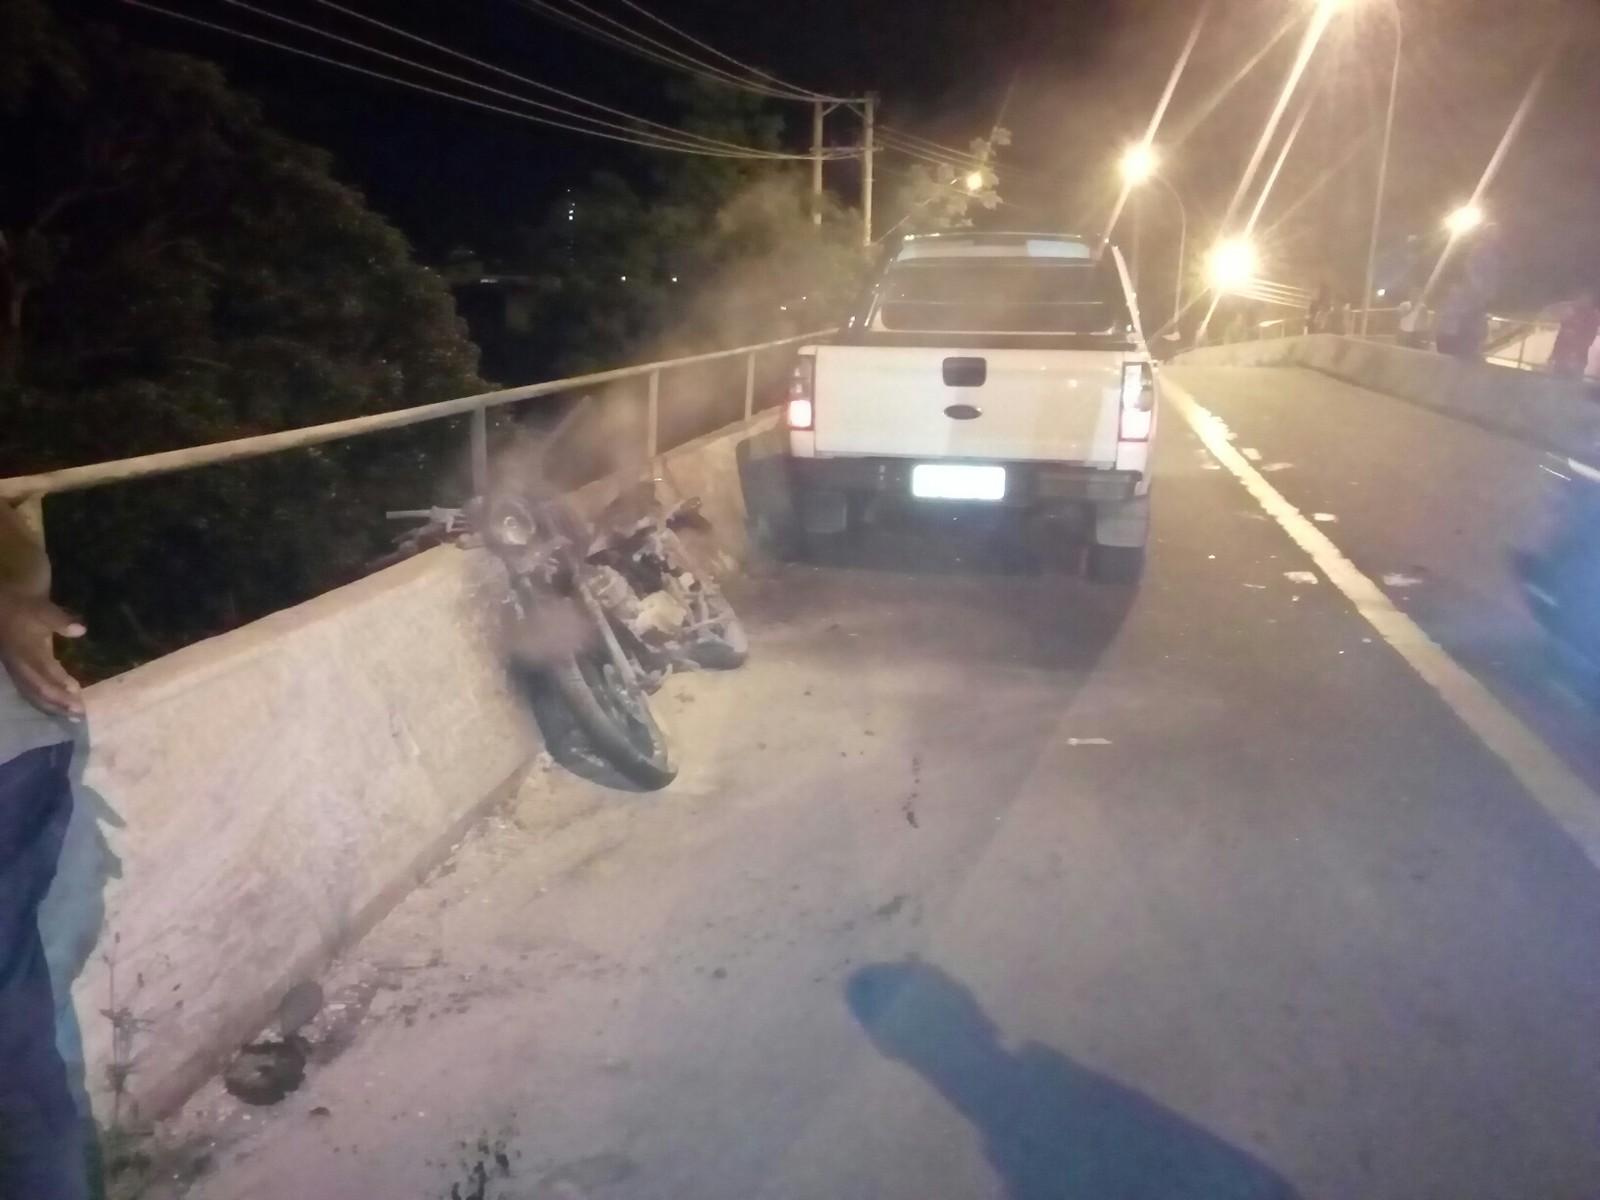 Motociclista é arremessado de viaduto em acidente em SP